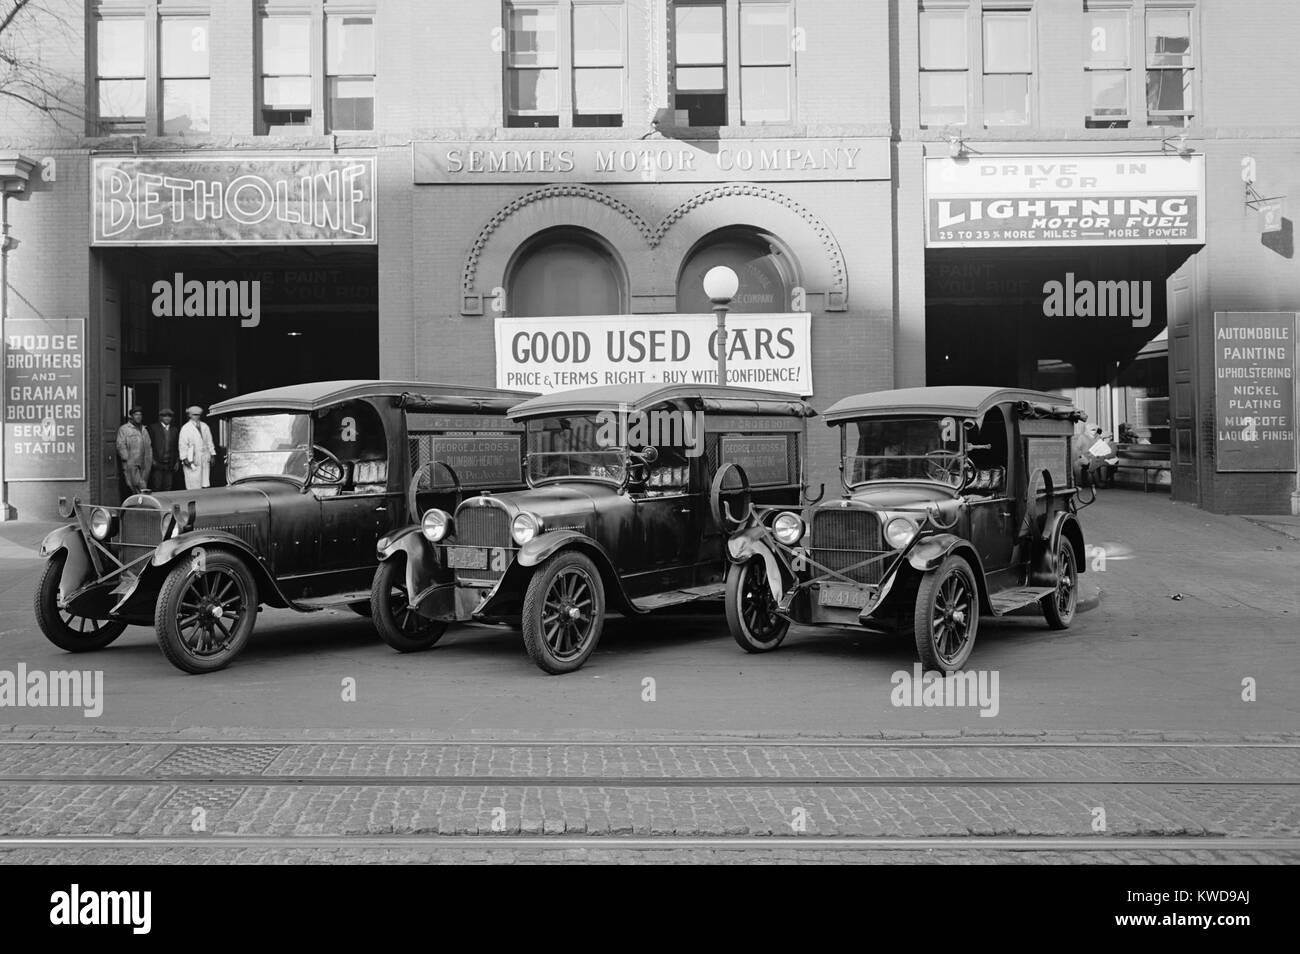 """Semmes Motor Co Werbung """"Gute gebrauchte Autos, Preis und die Begriffe Rechts, mit Zuversicht"""" kaufen. Stockbild"""